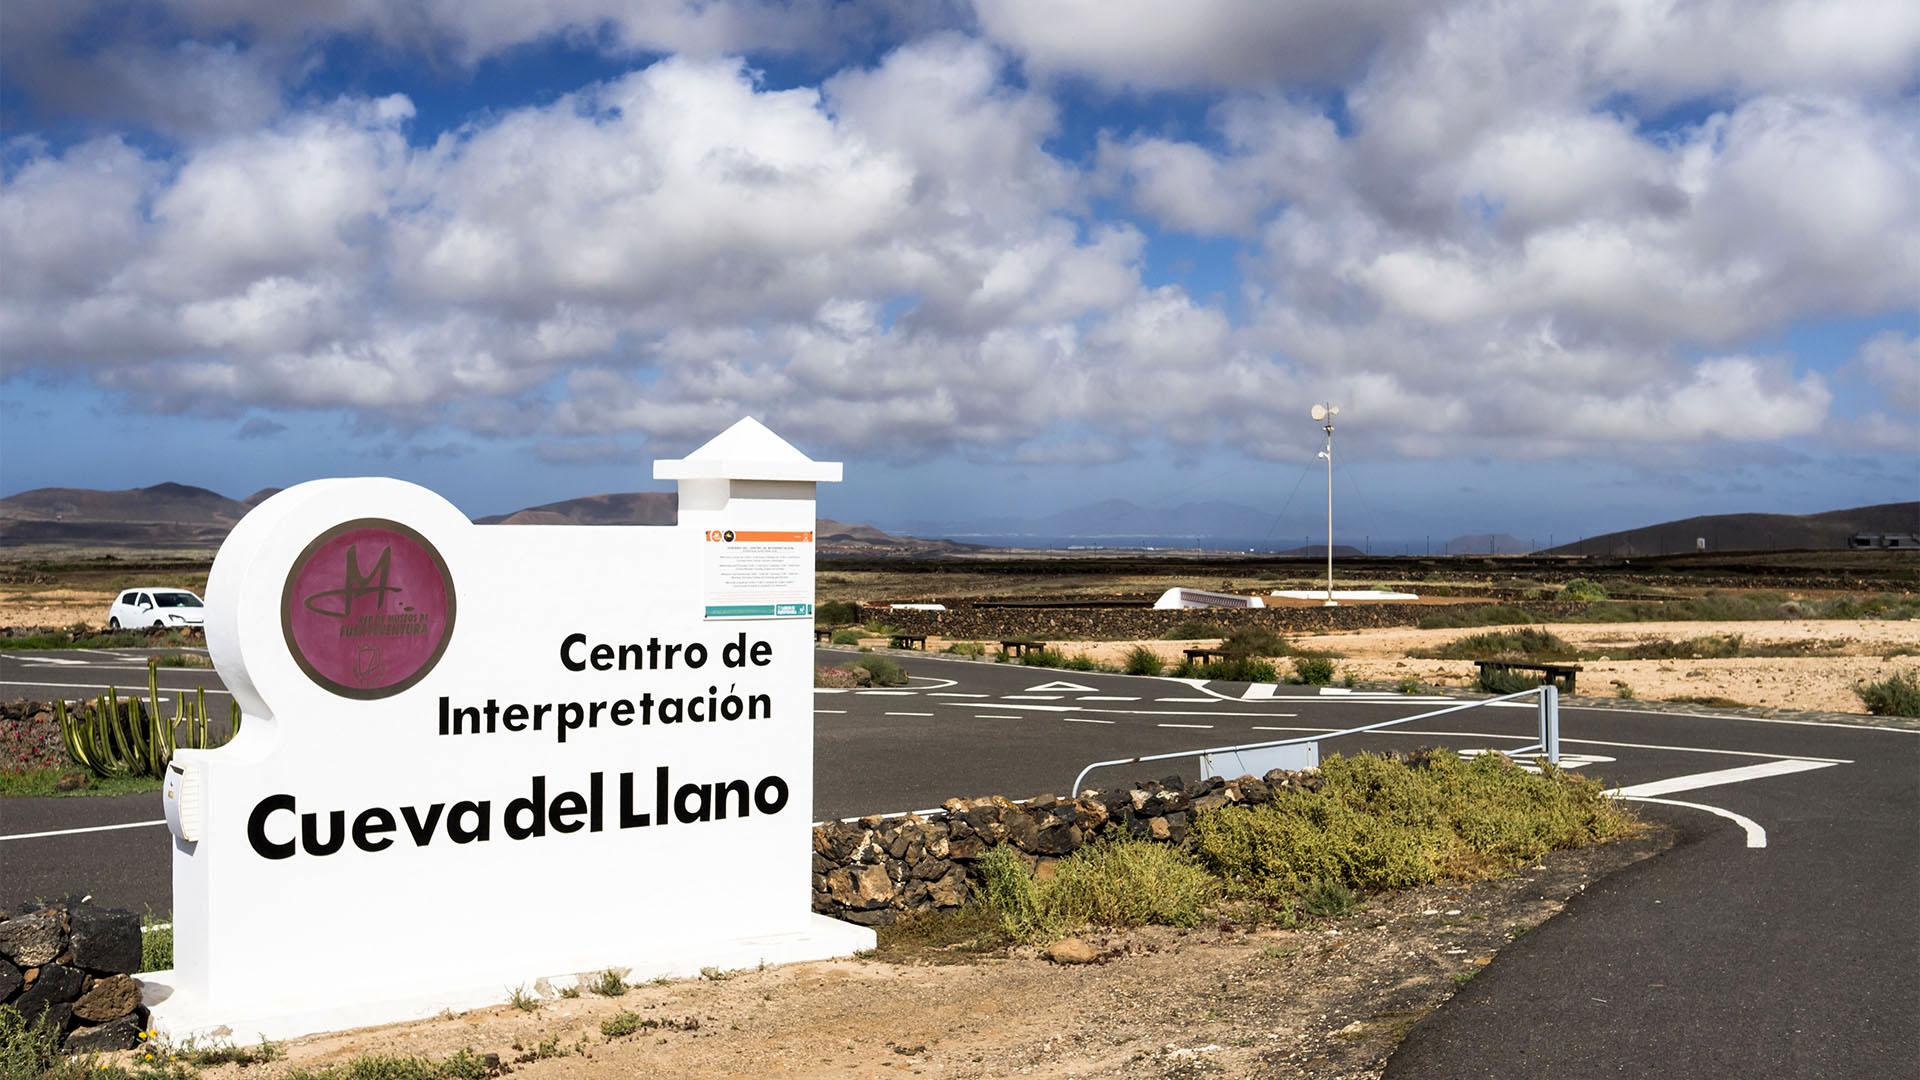 Städte und Ortschaften Fuerteventuras: Villaverde